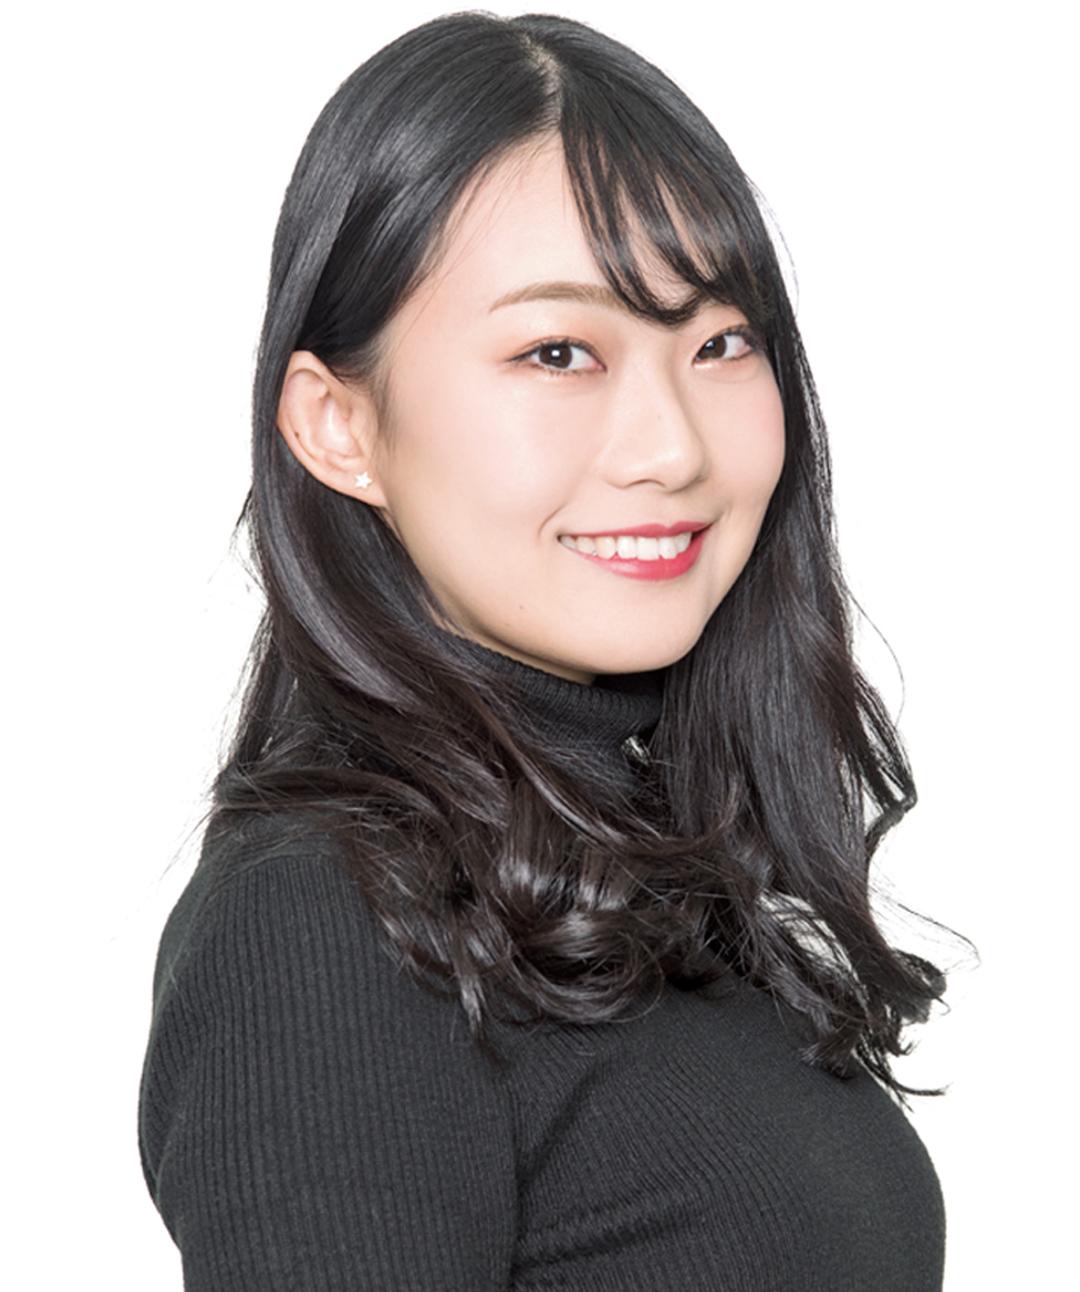 祝♡ 新加入! 5期生のブログをまとめてチェック【カワイイ選抜】_1_13-2